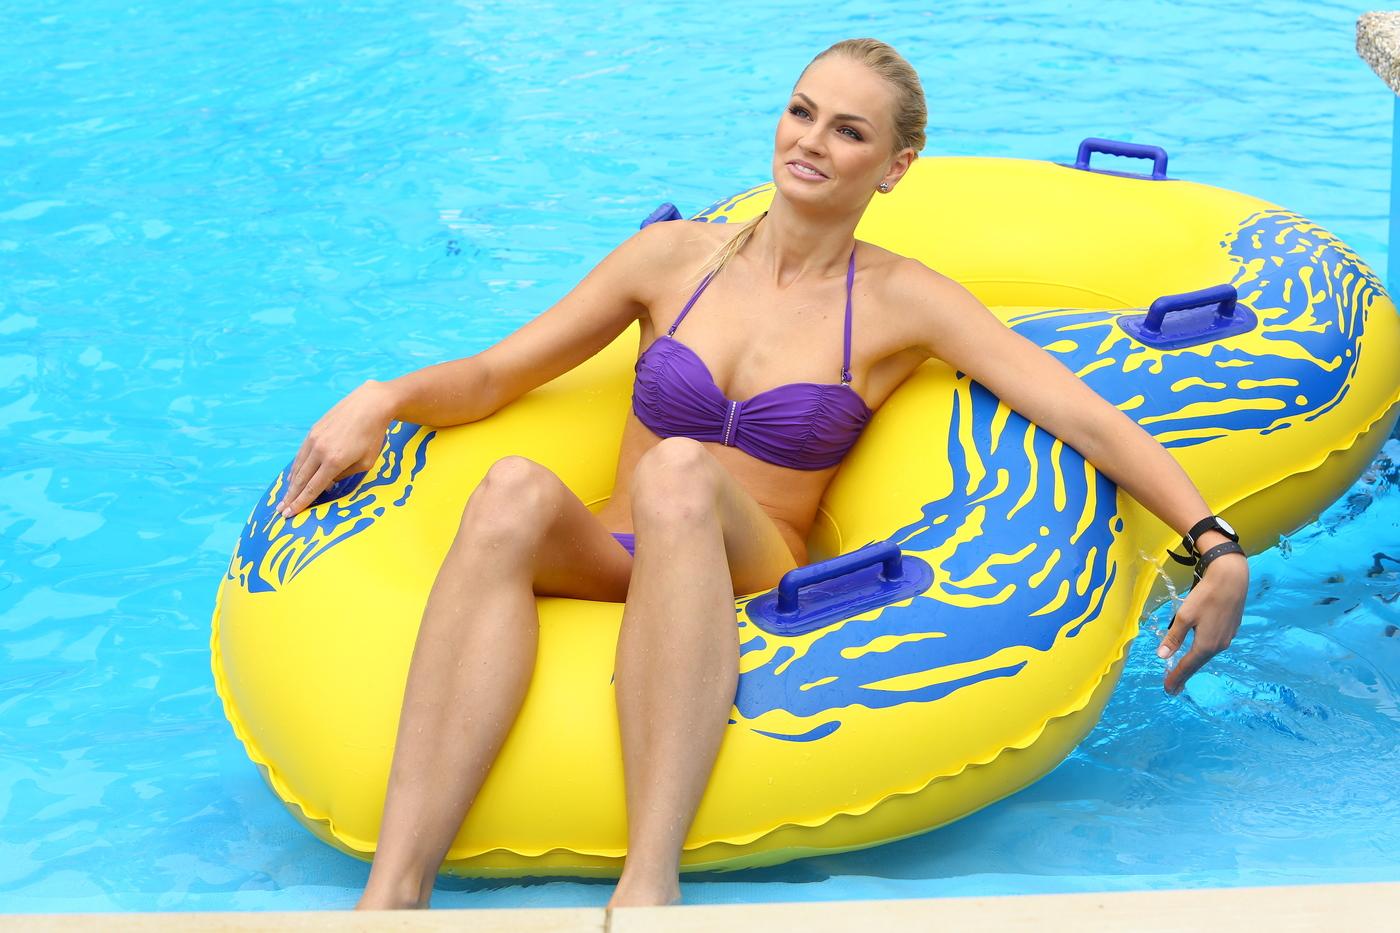 Тереза Файксова голая. Фото - 34